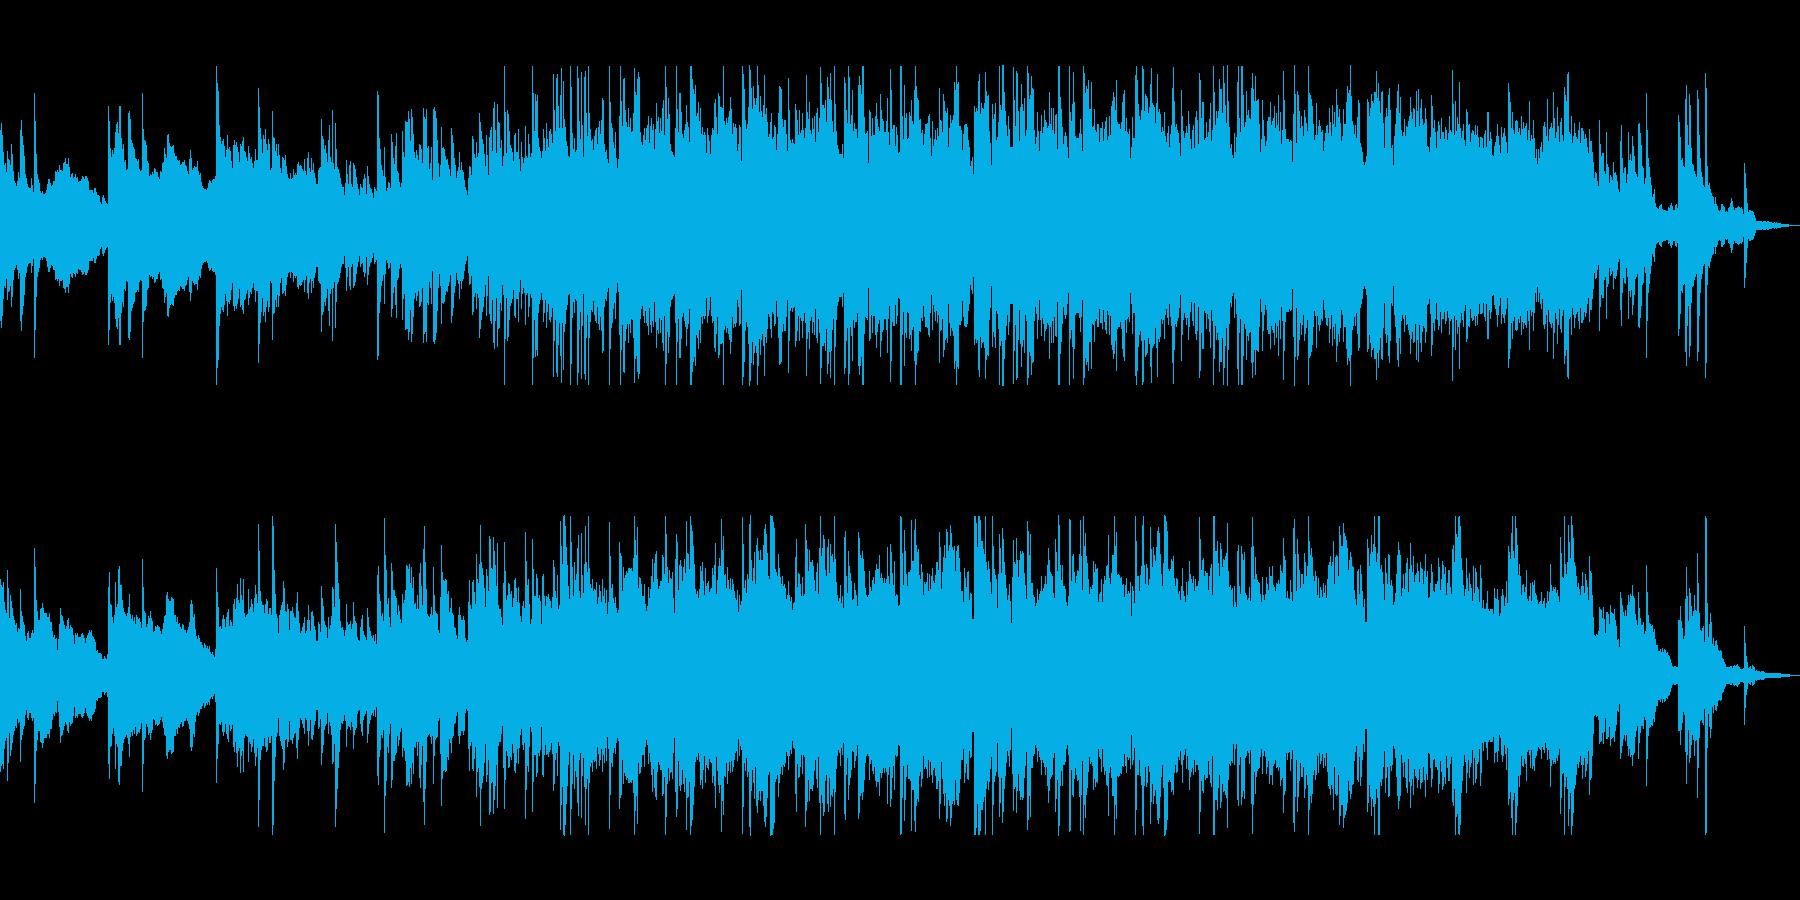 ピアノの旋律が美しいバラードの再生済みの波形